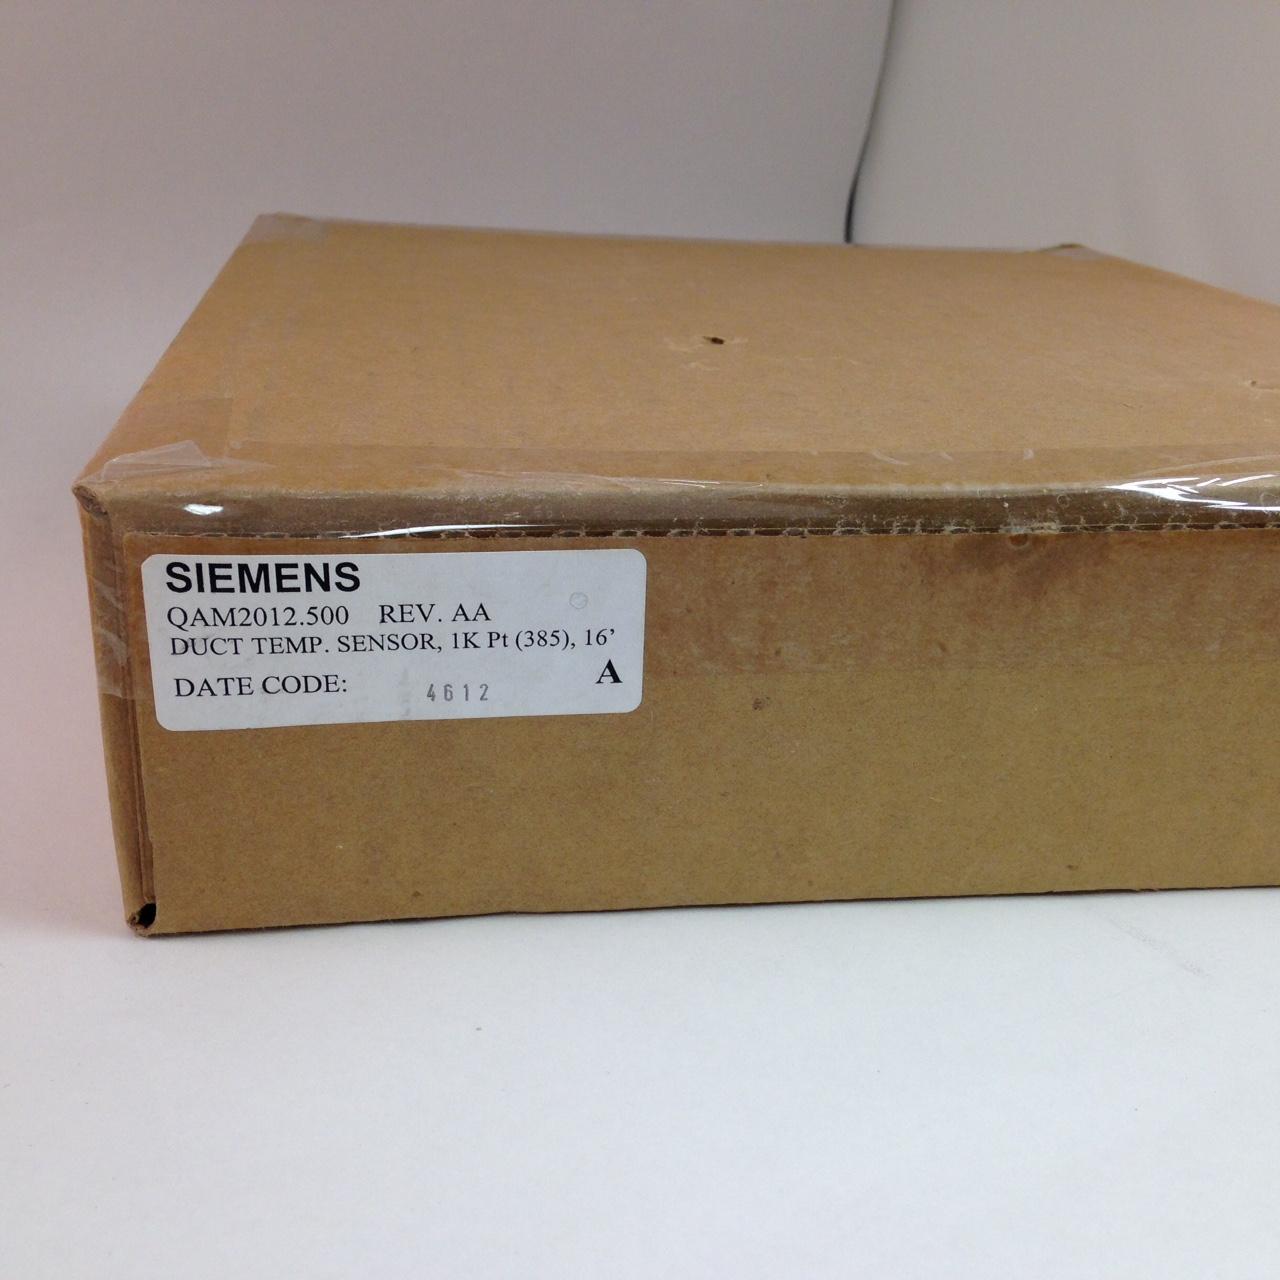 Siemens QAM2012.500- Duct Temperature Sensor